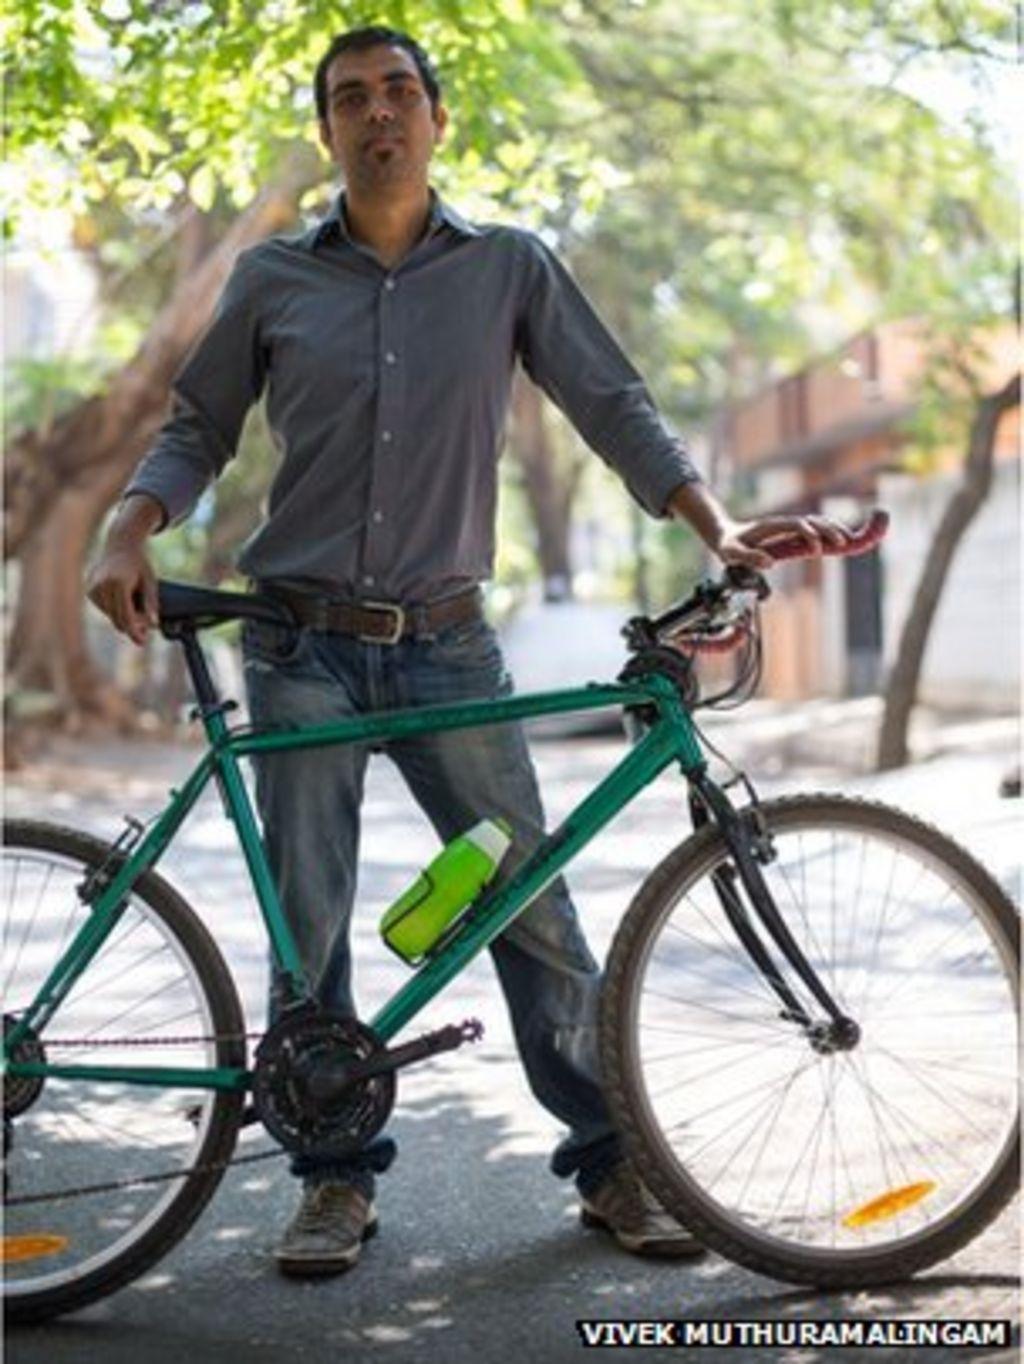 bike messenger business plan